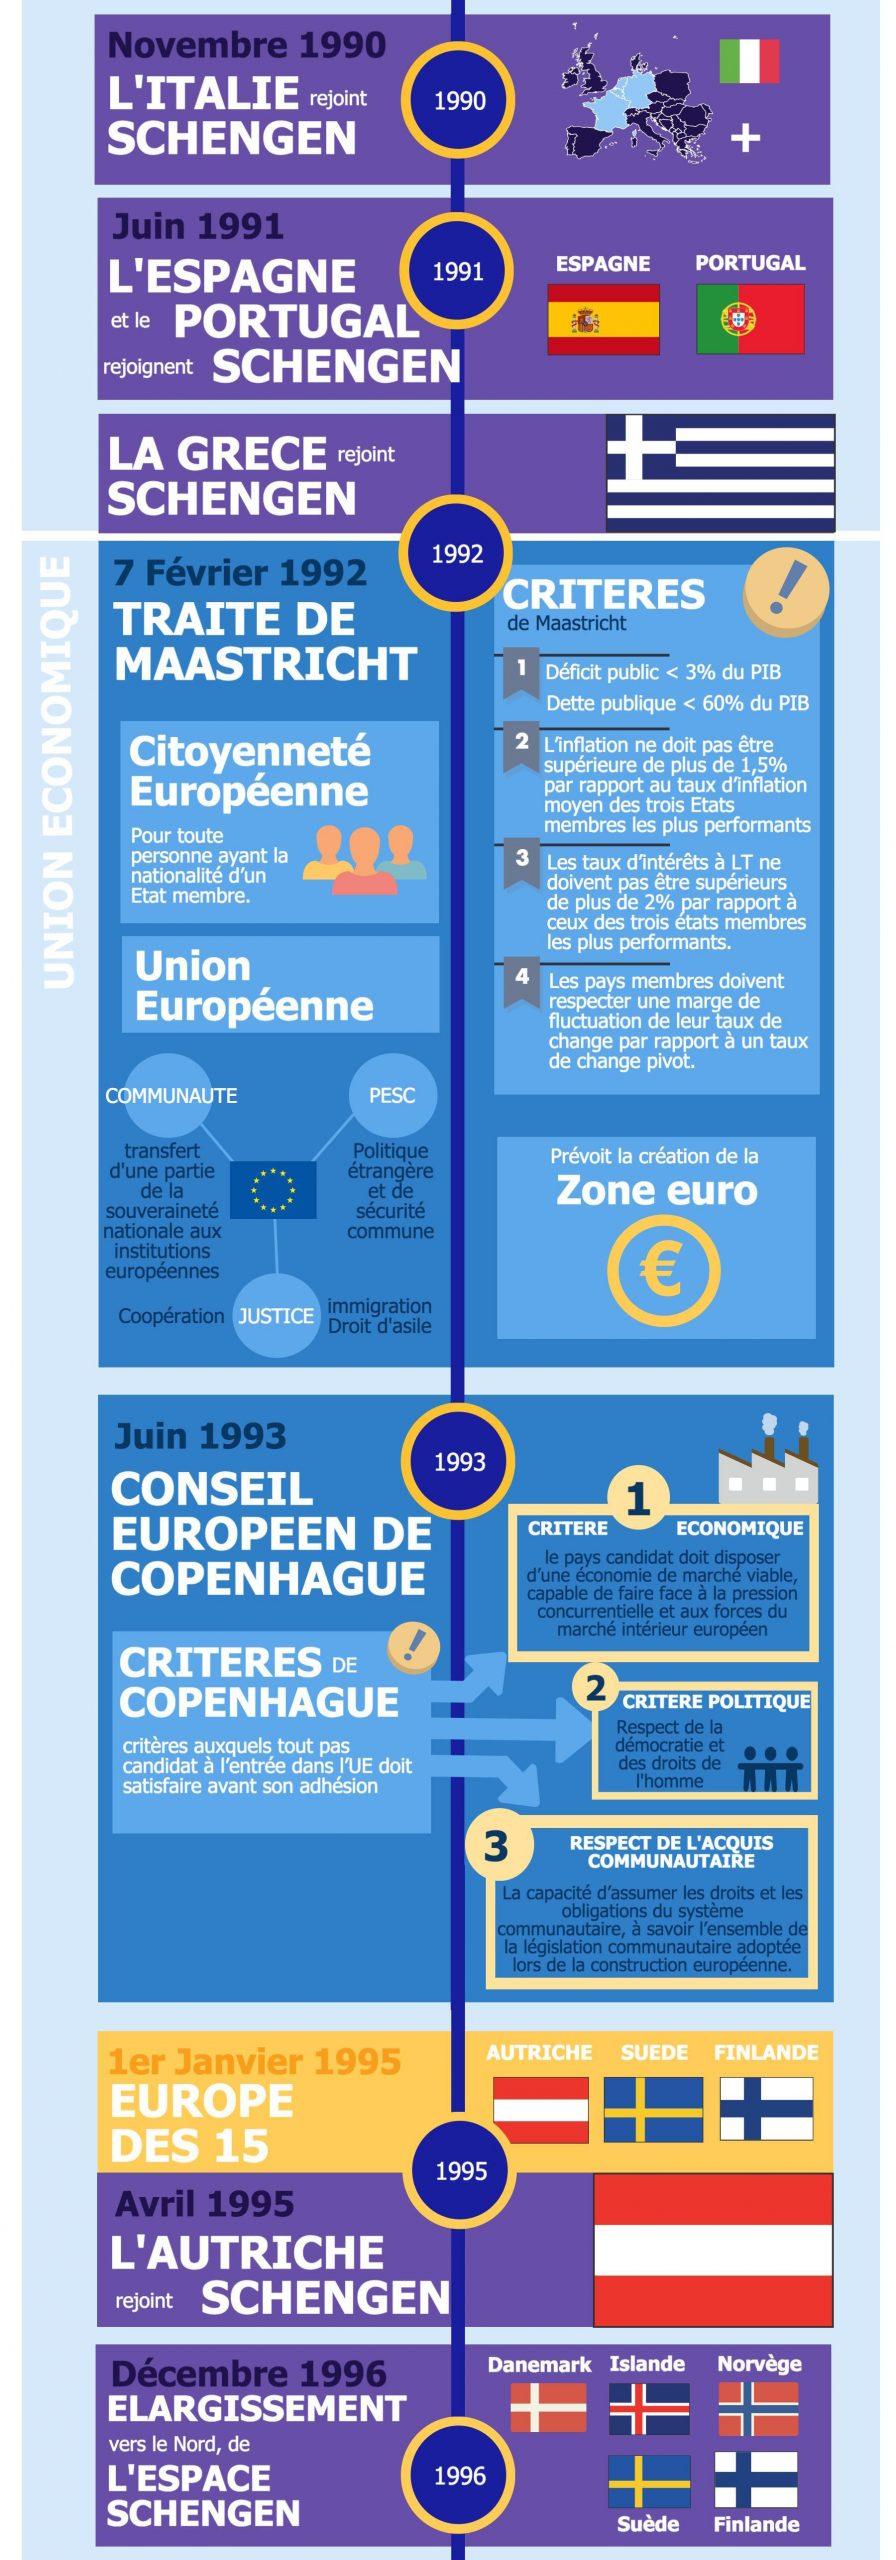 Histoire De La Construction Europeenne - L'éco En Schémas destiné Carte Construction Européenne